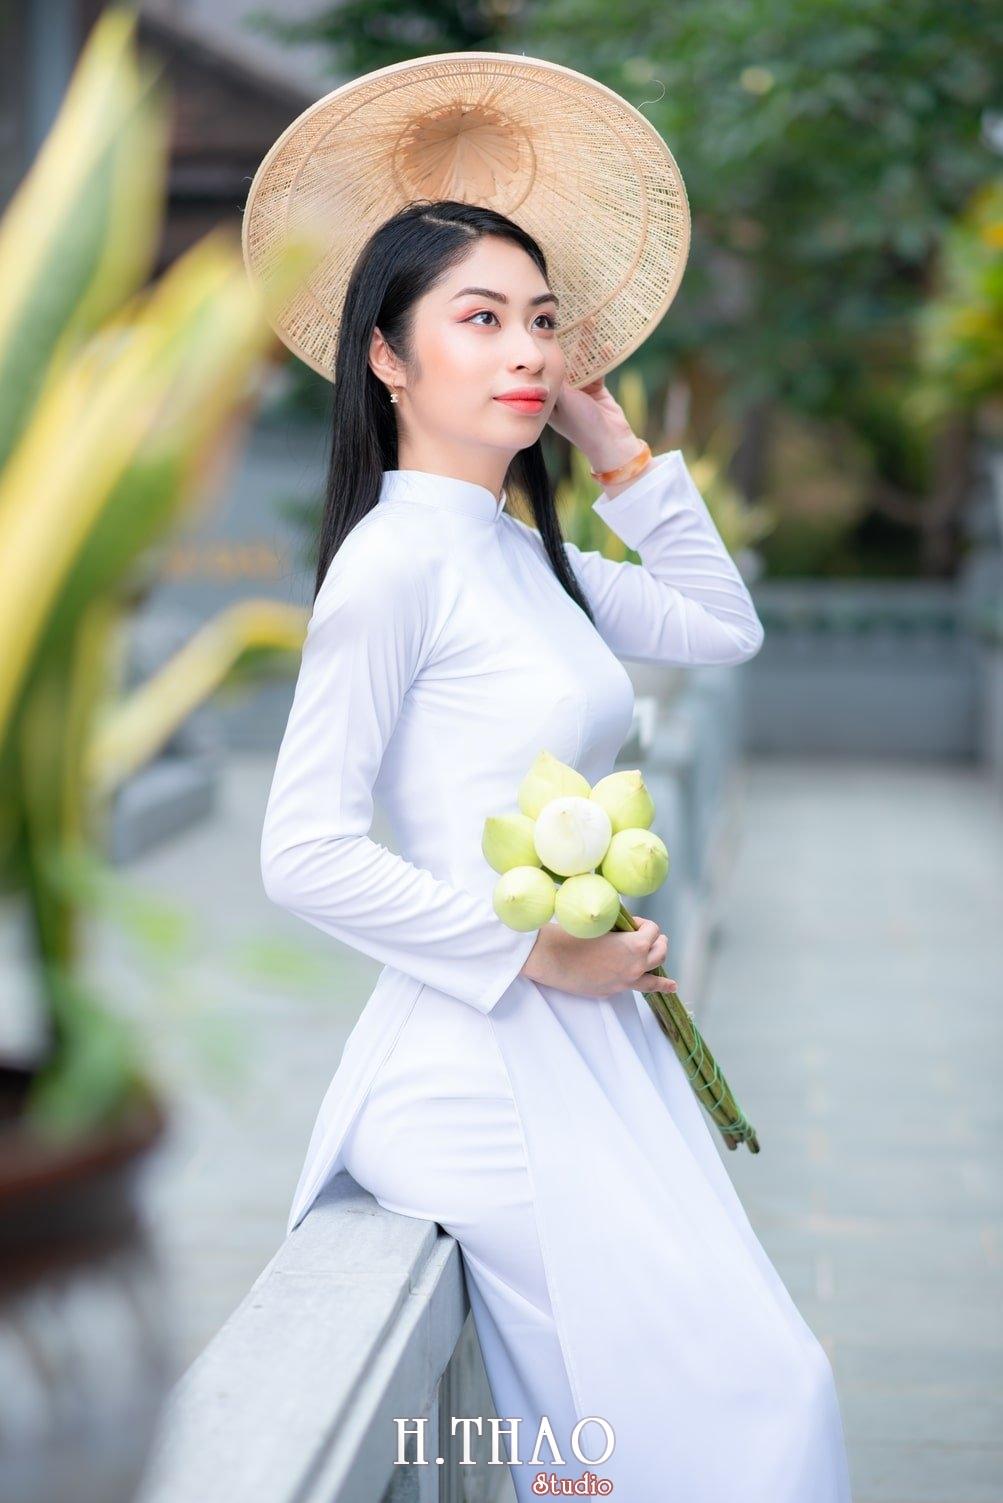 Ao dai trang 5 - Album áo dài trắng tại Thiền Viện Vạn Hạnh - HThao Studio